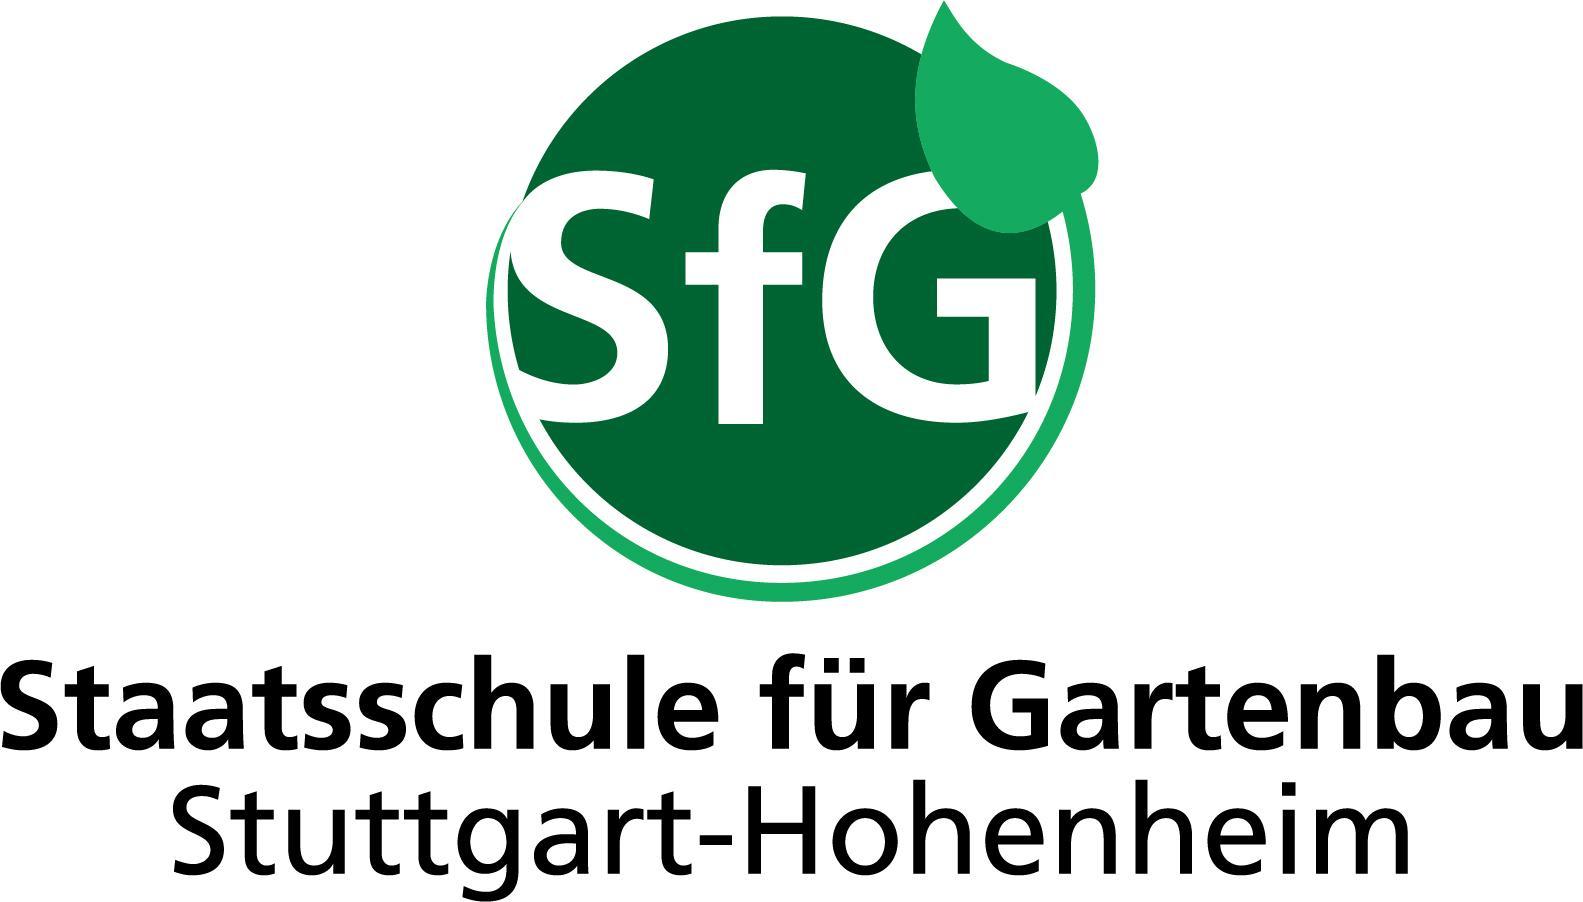 Stuttgart Hohenheim